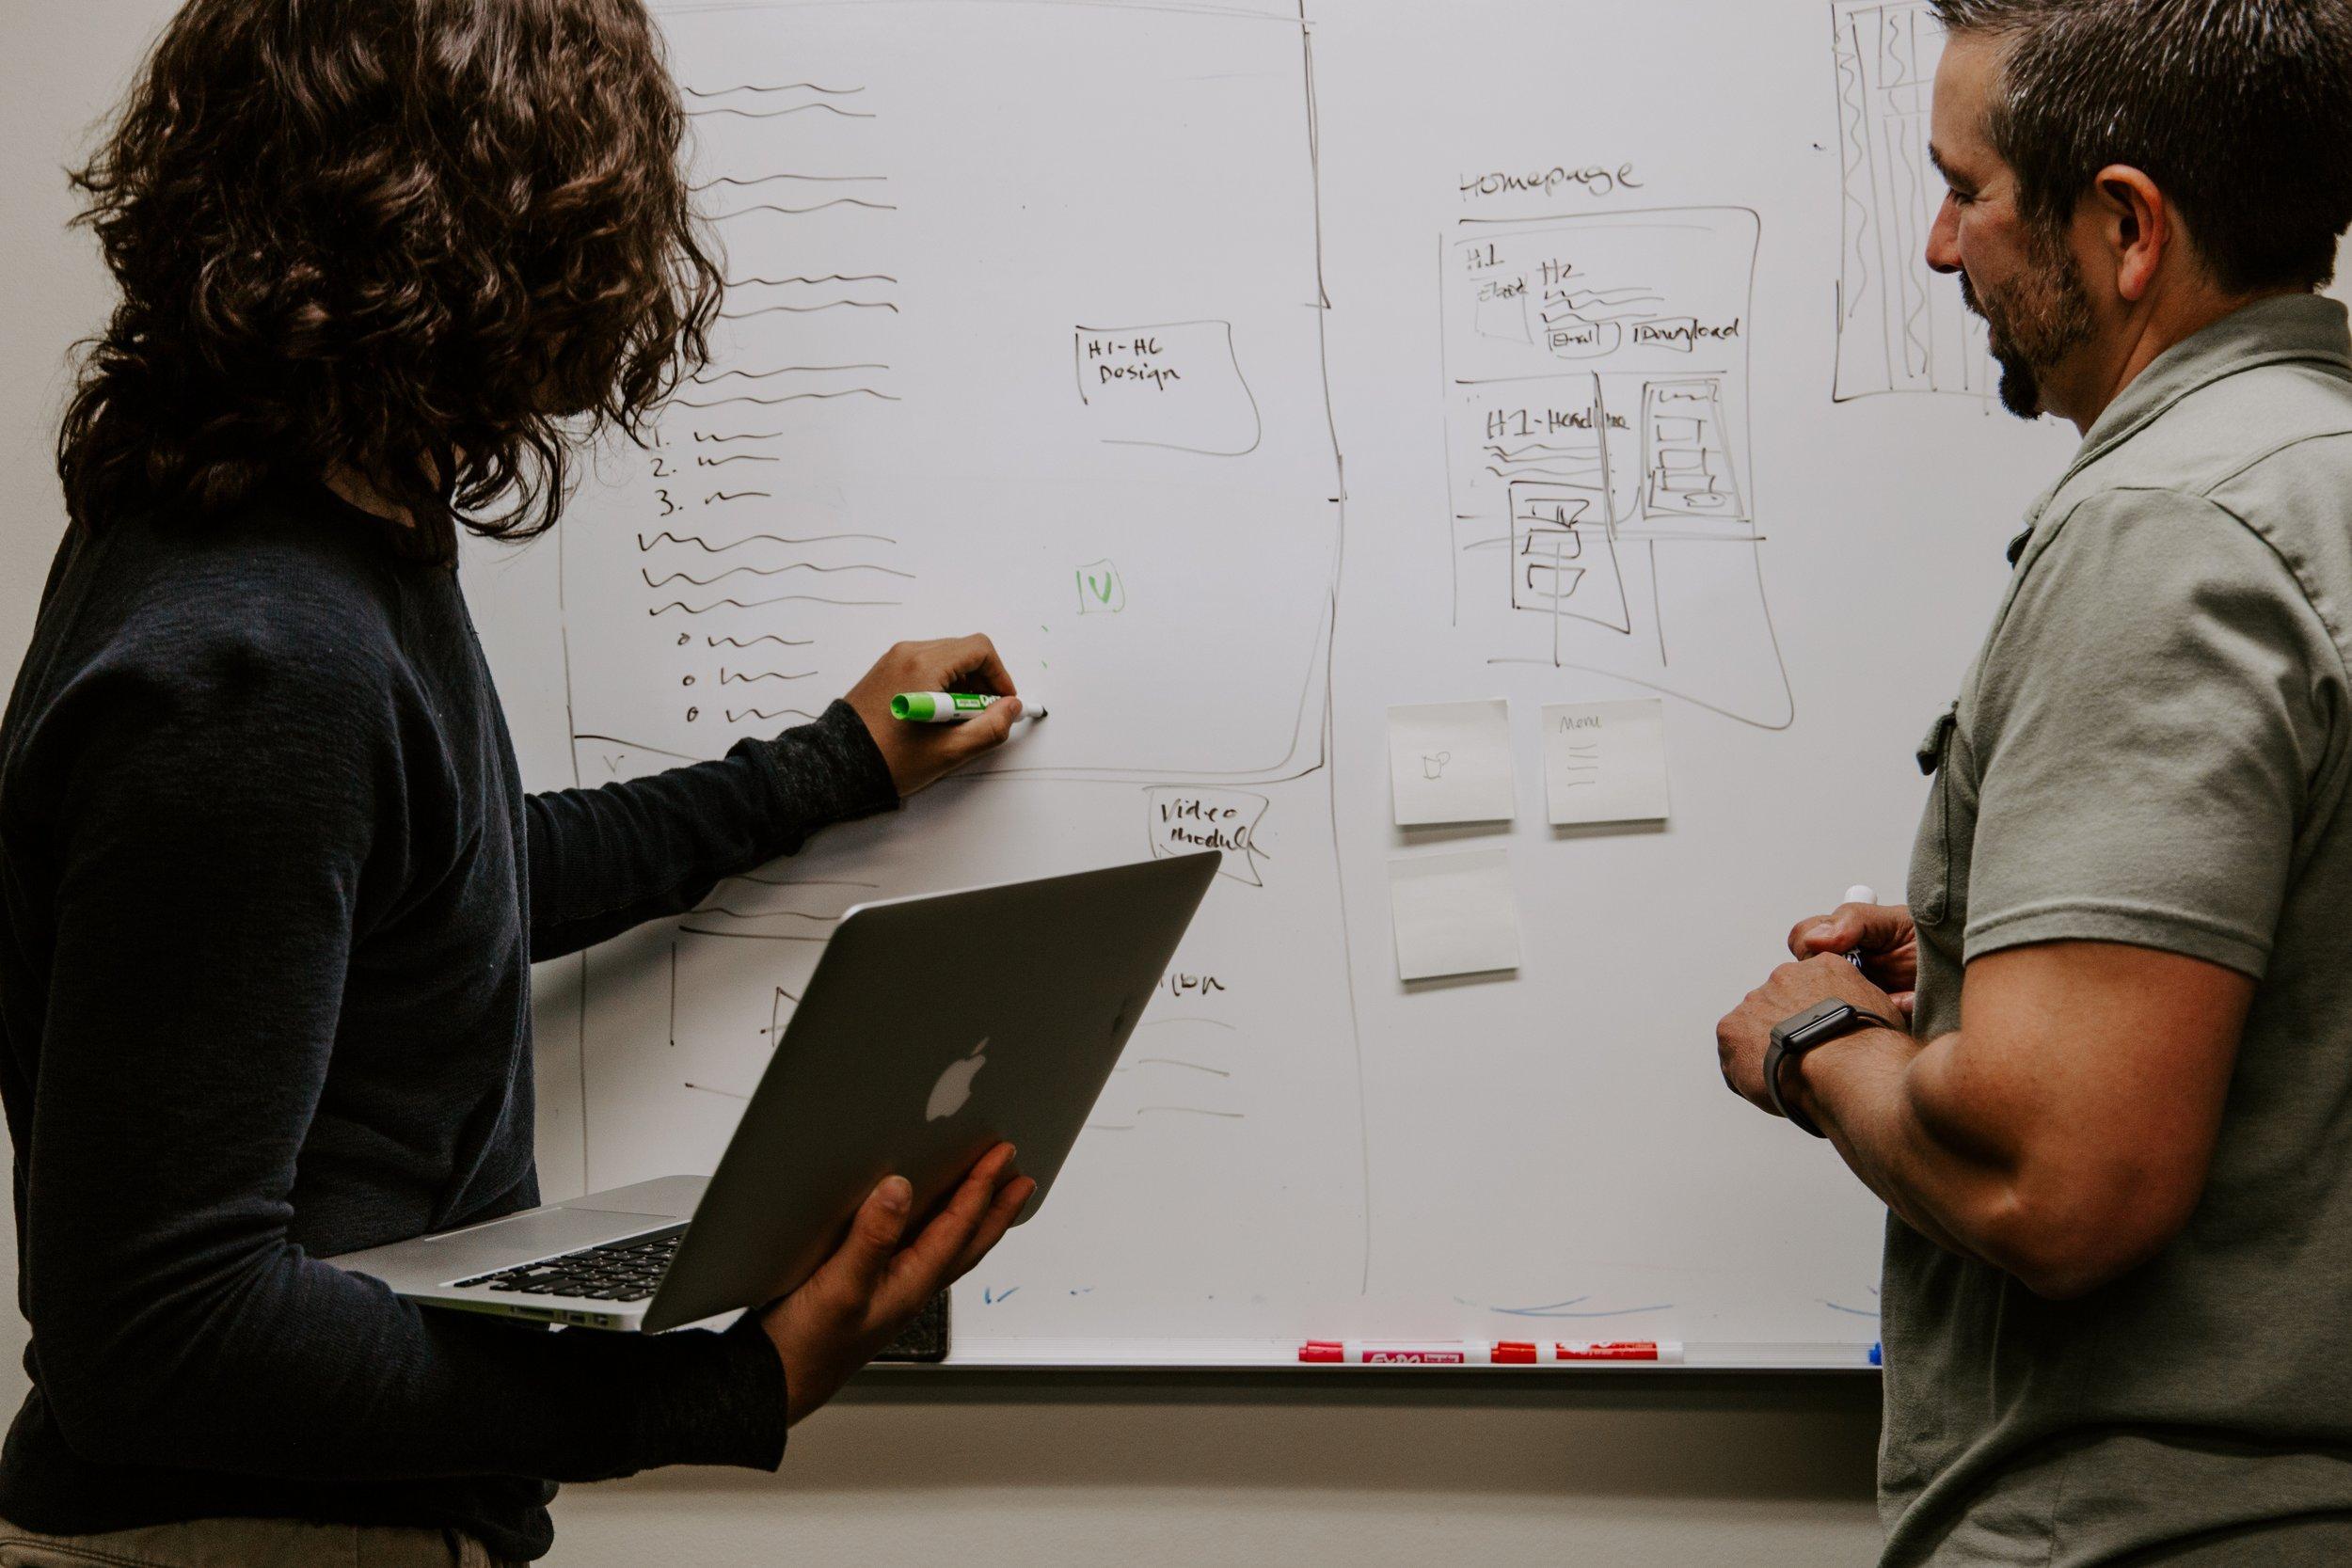 teamwork-laws-of-leadership-coaching-Minneapolis.jpg